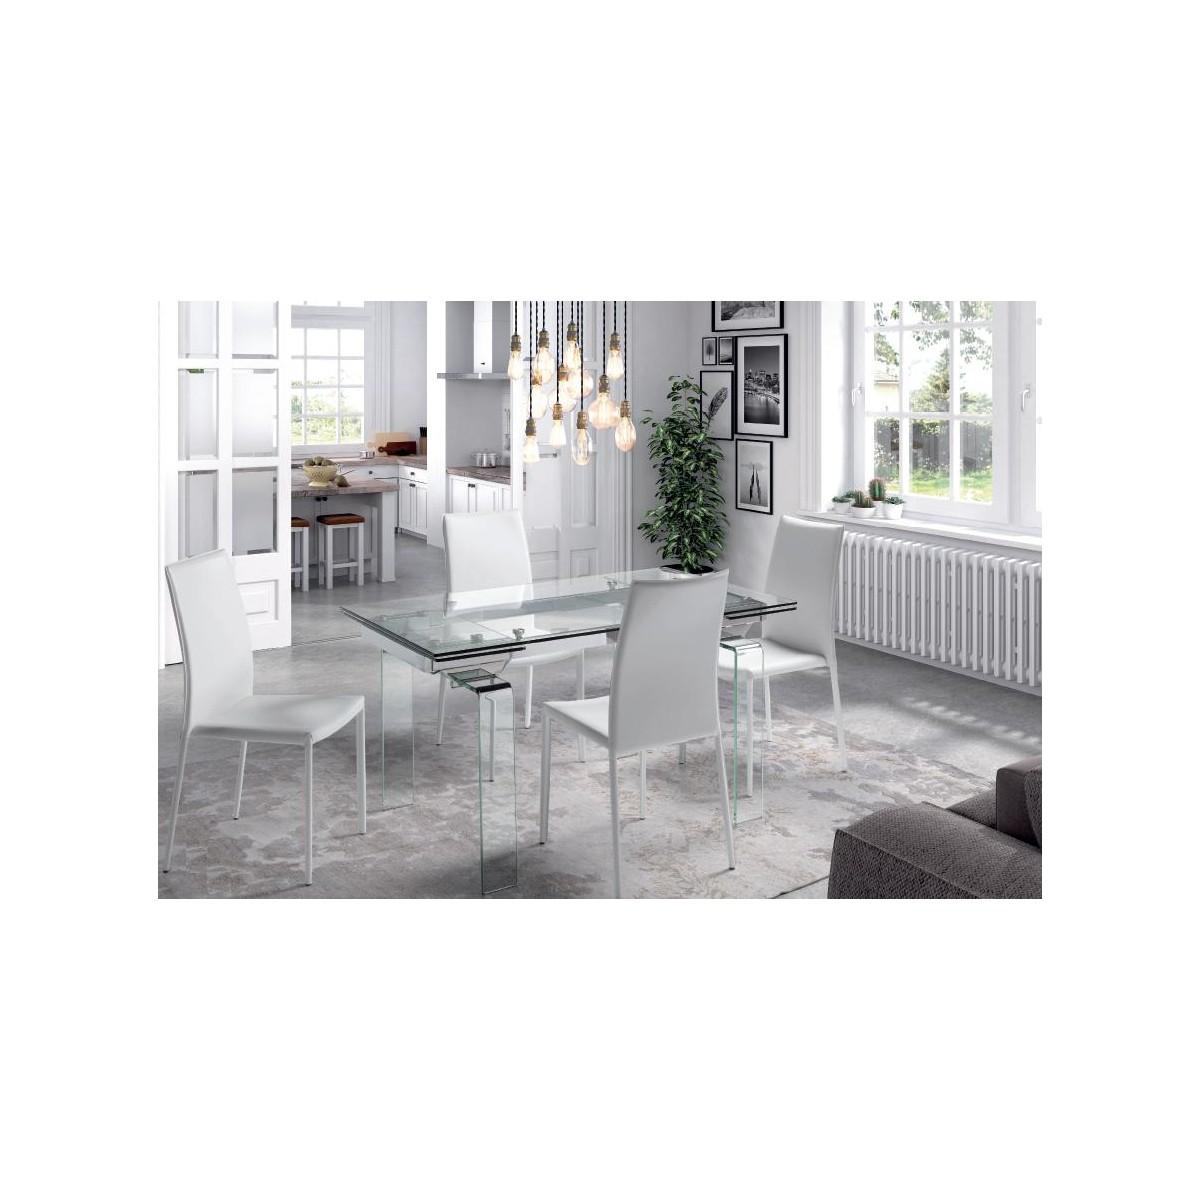 Mesa de comedor extensible de camino a casa urban cristal for Camino a casa muebles